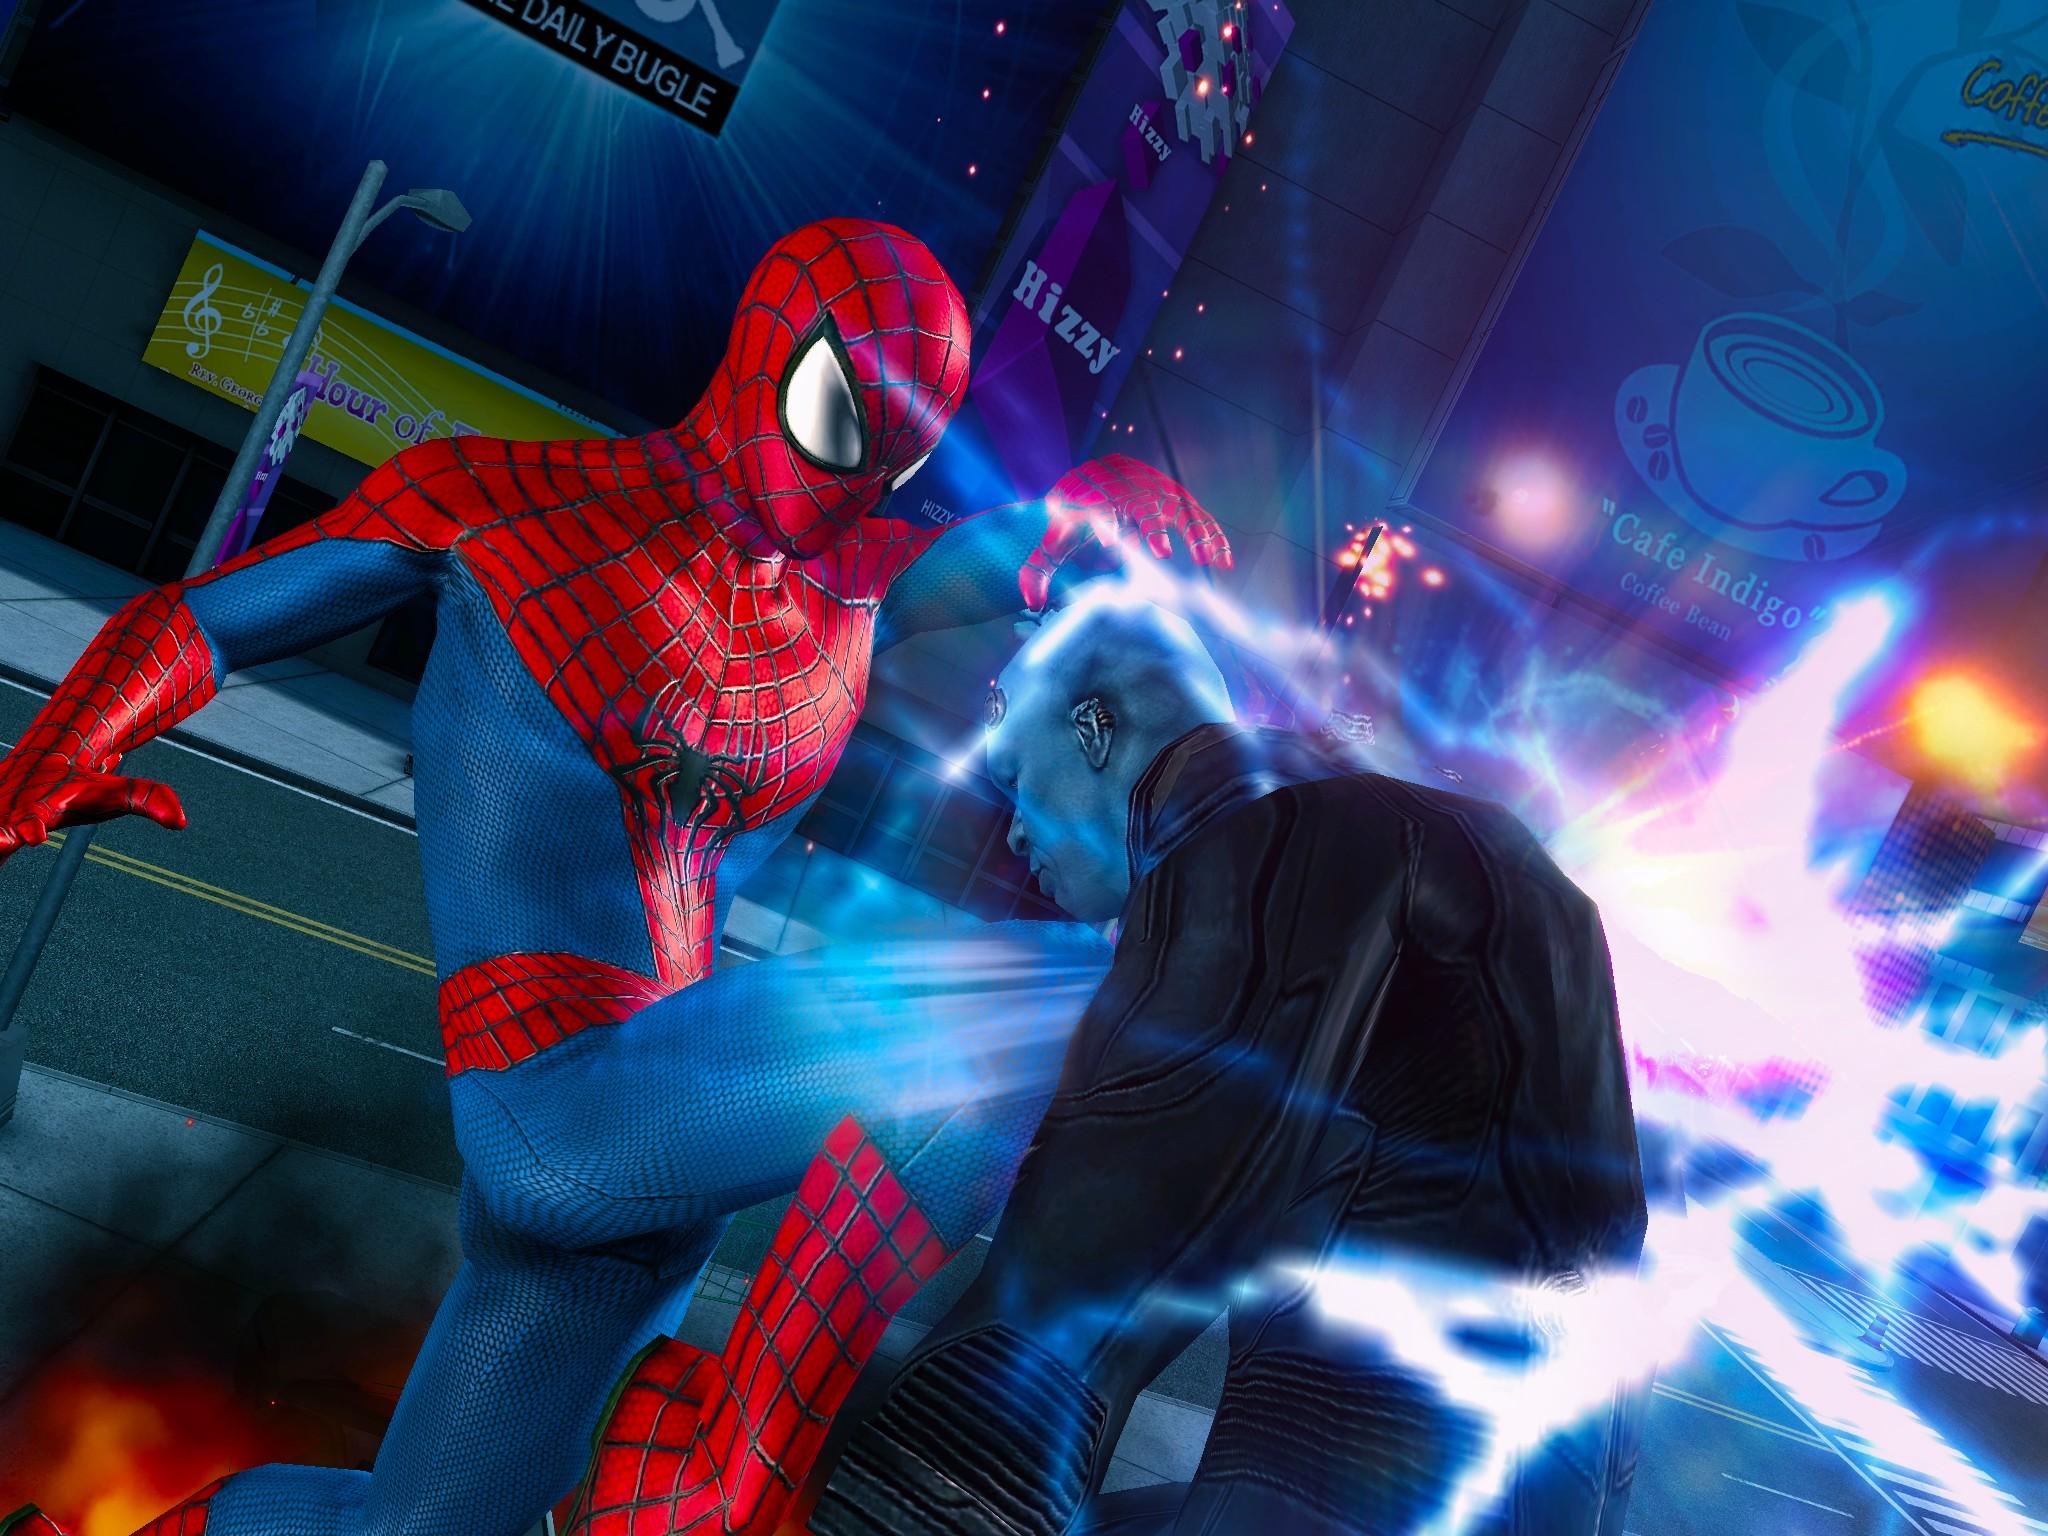 画像集 004 アメイジング スパイダーマン 2 Android 4gamer Net